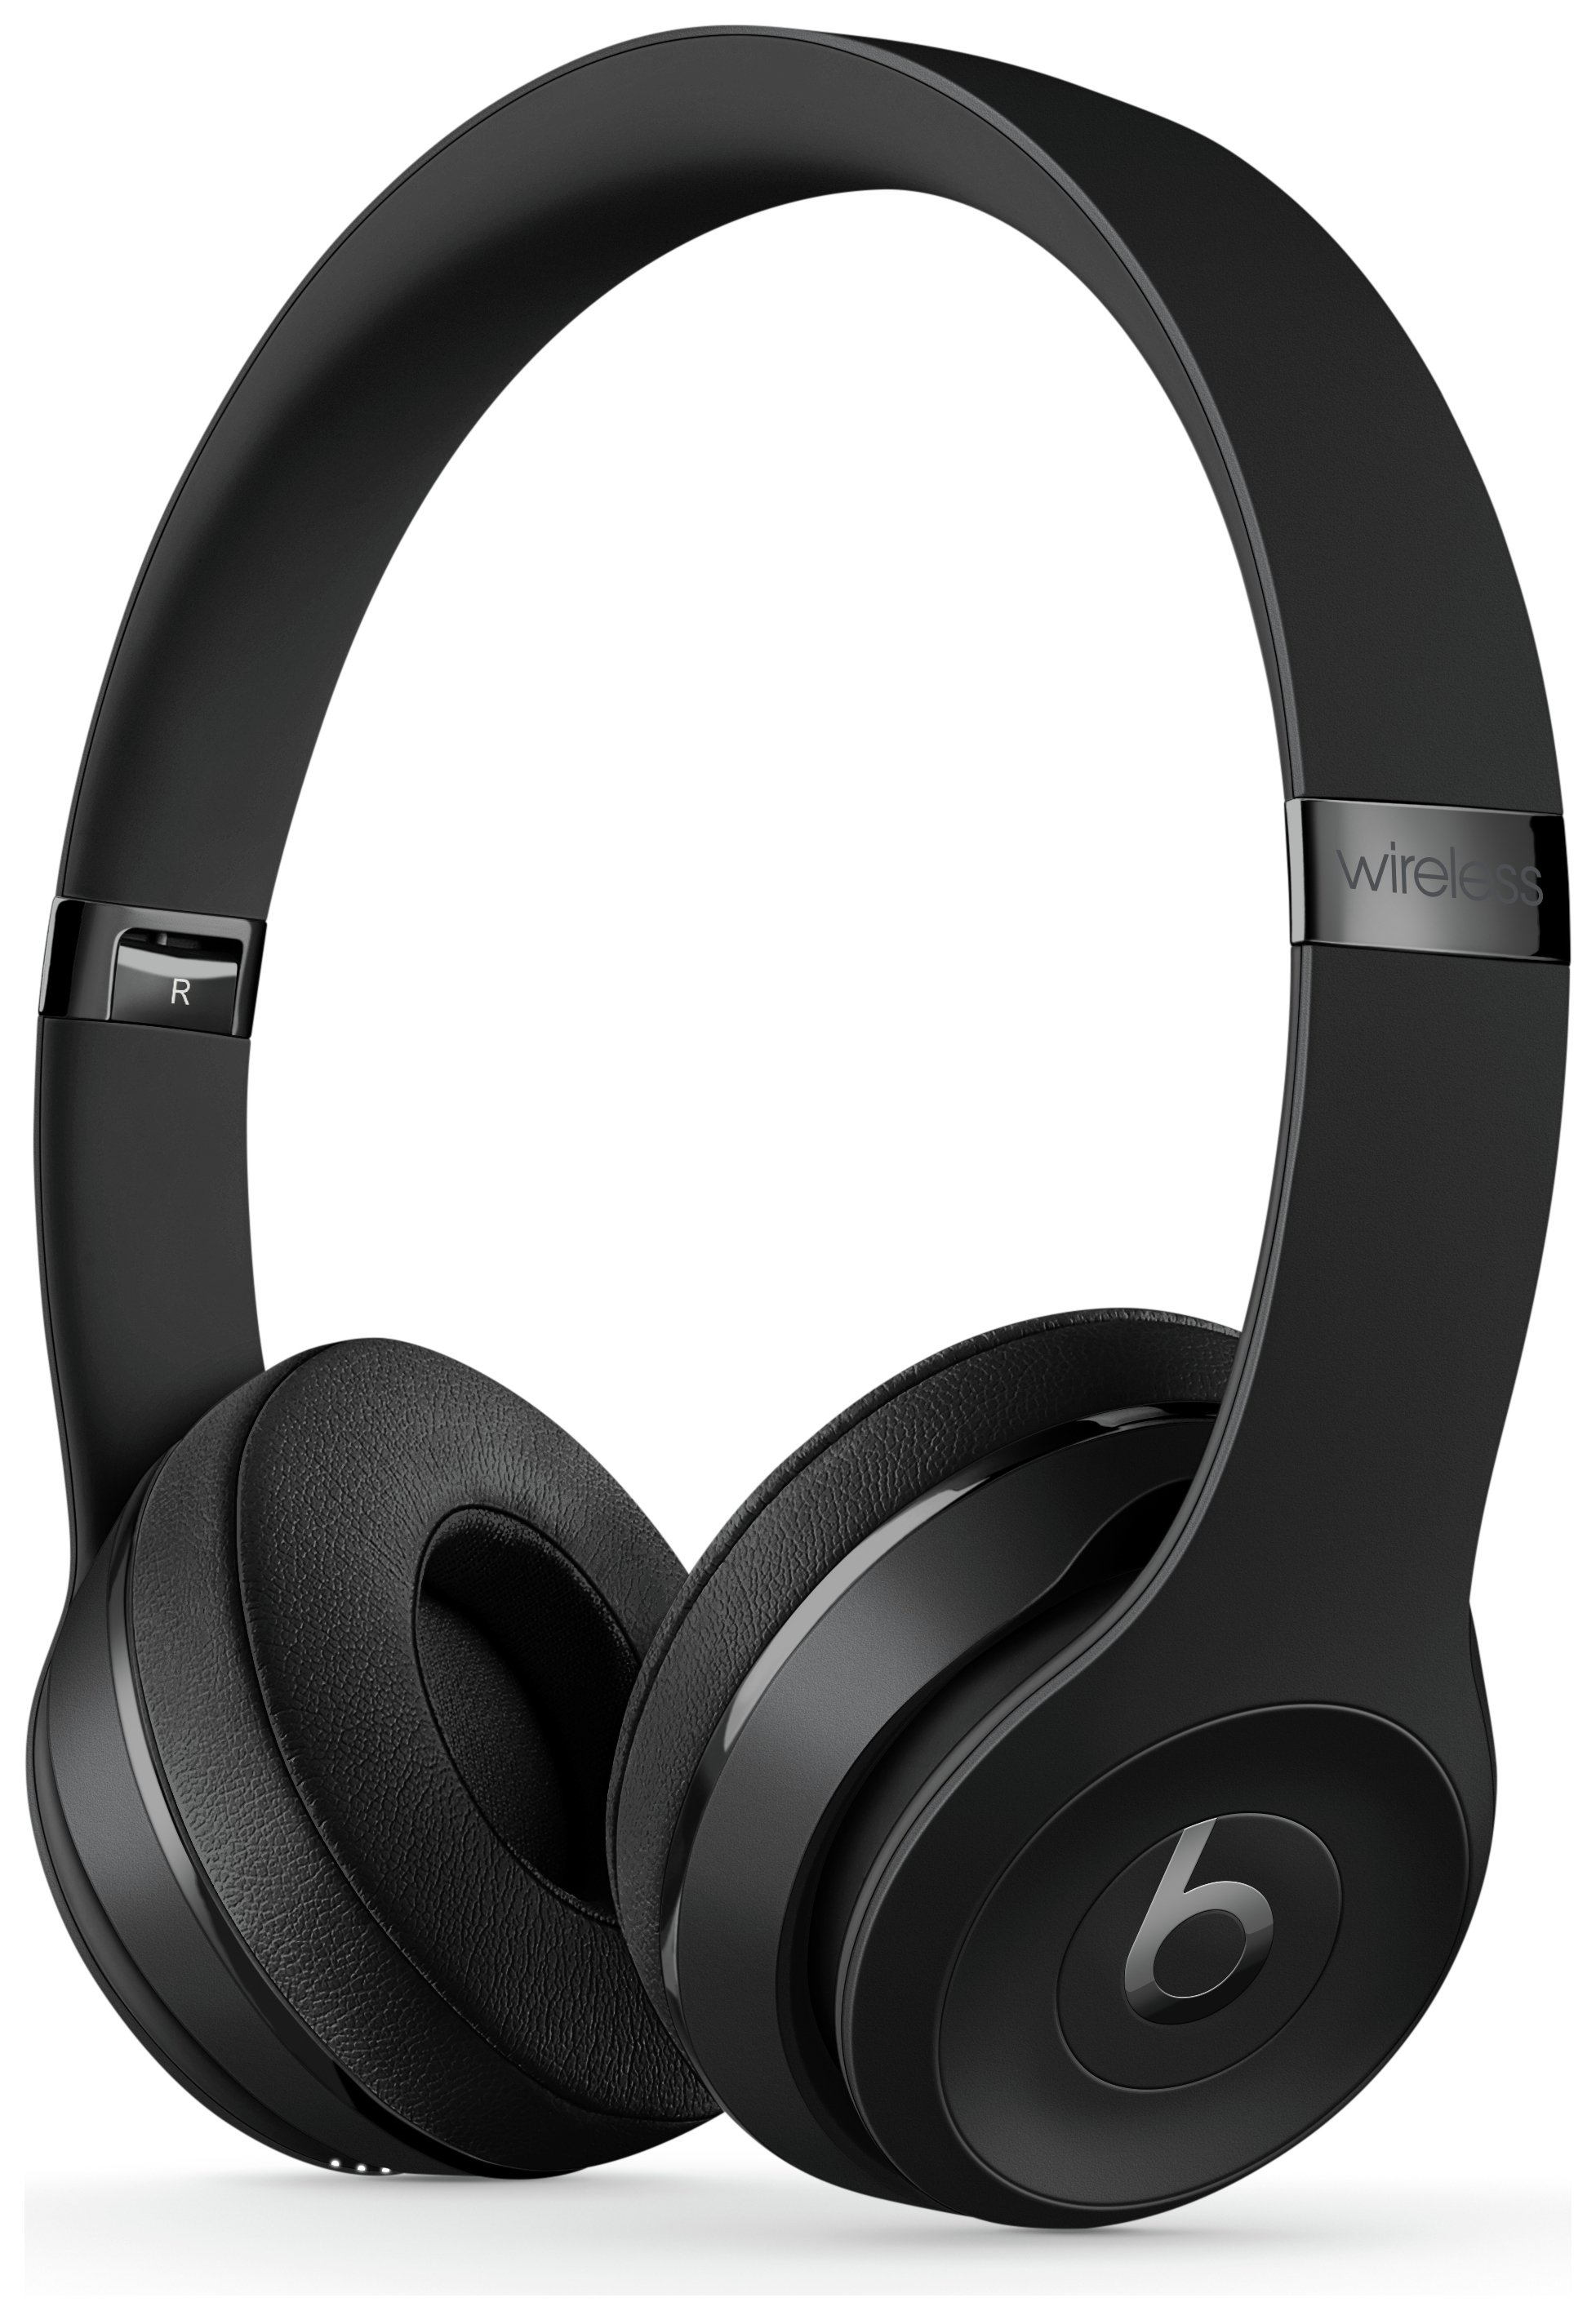 Image of Beats by Dre Solo3 On-Ear Wireless Headphones - Black